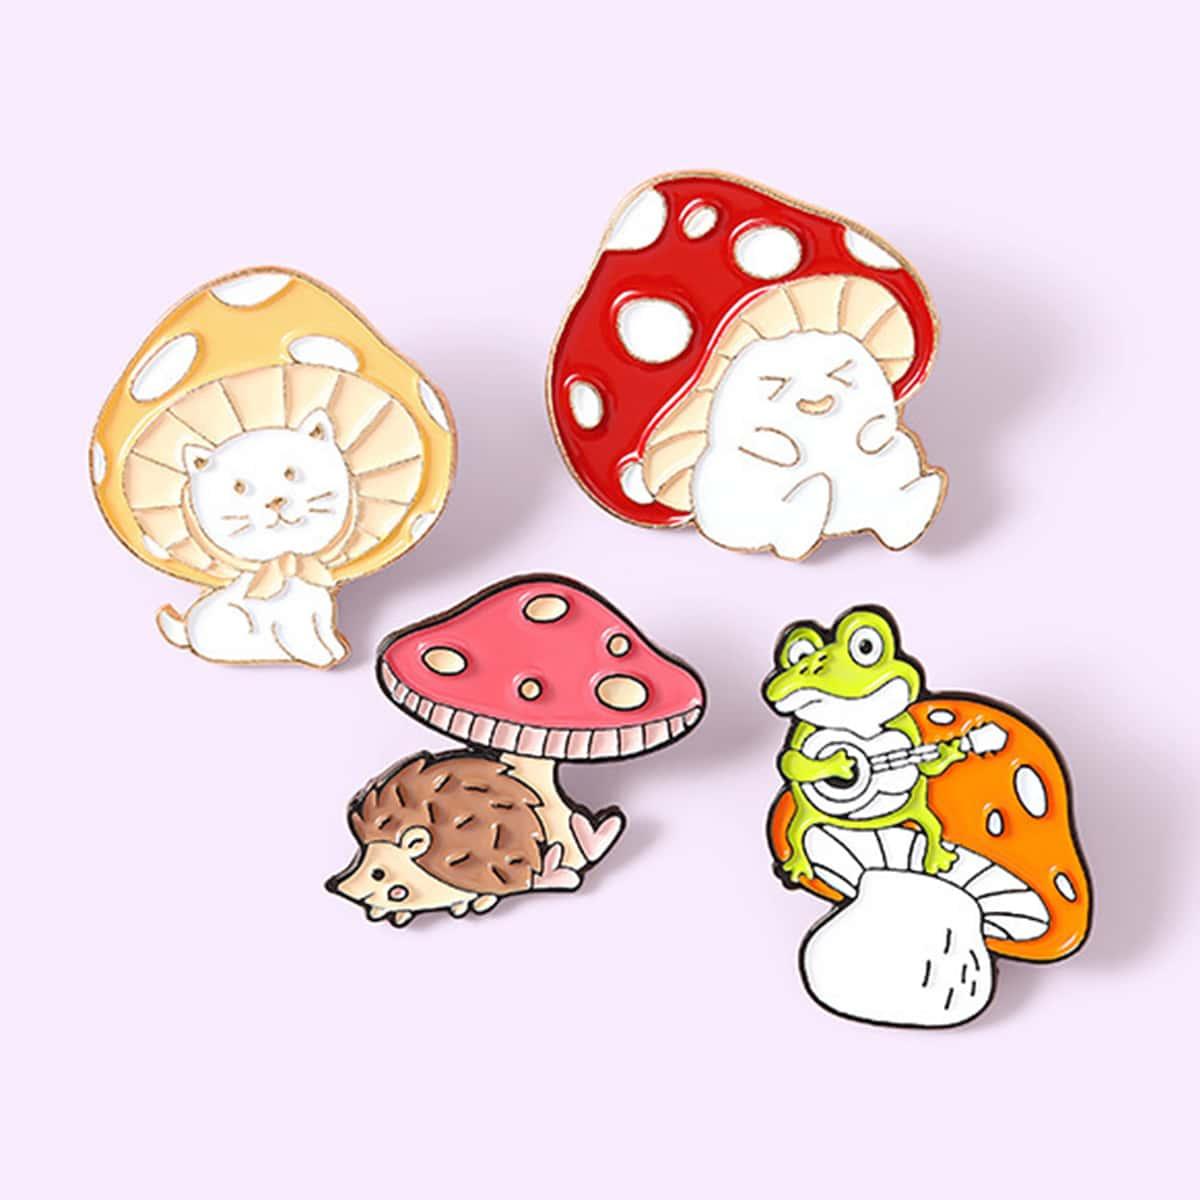 4 pezzi spilla con design fungo per bambini